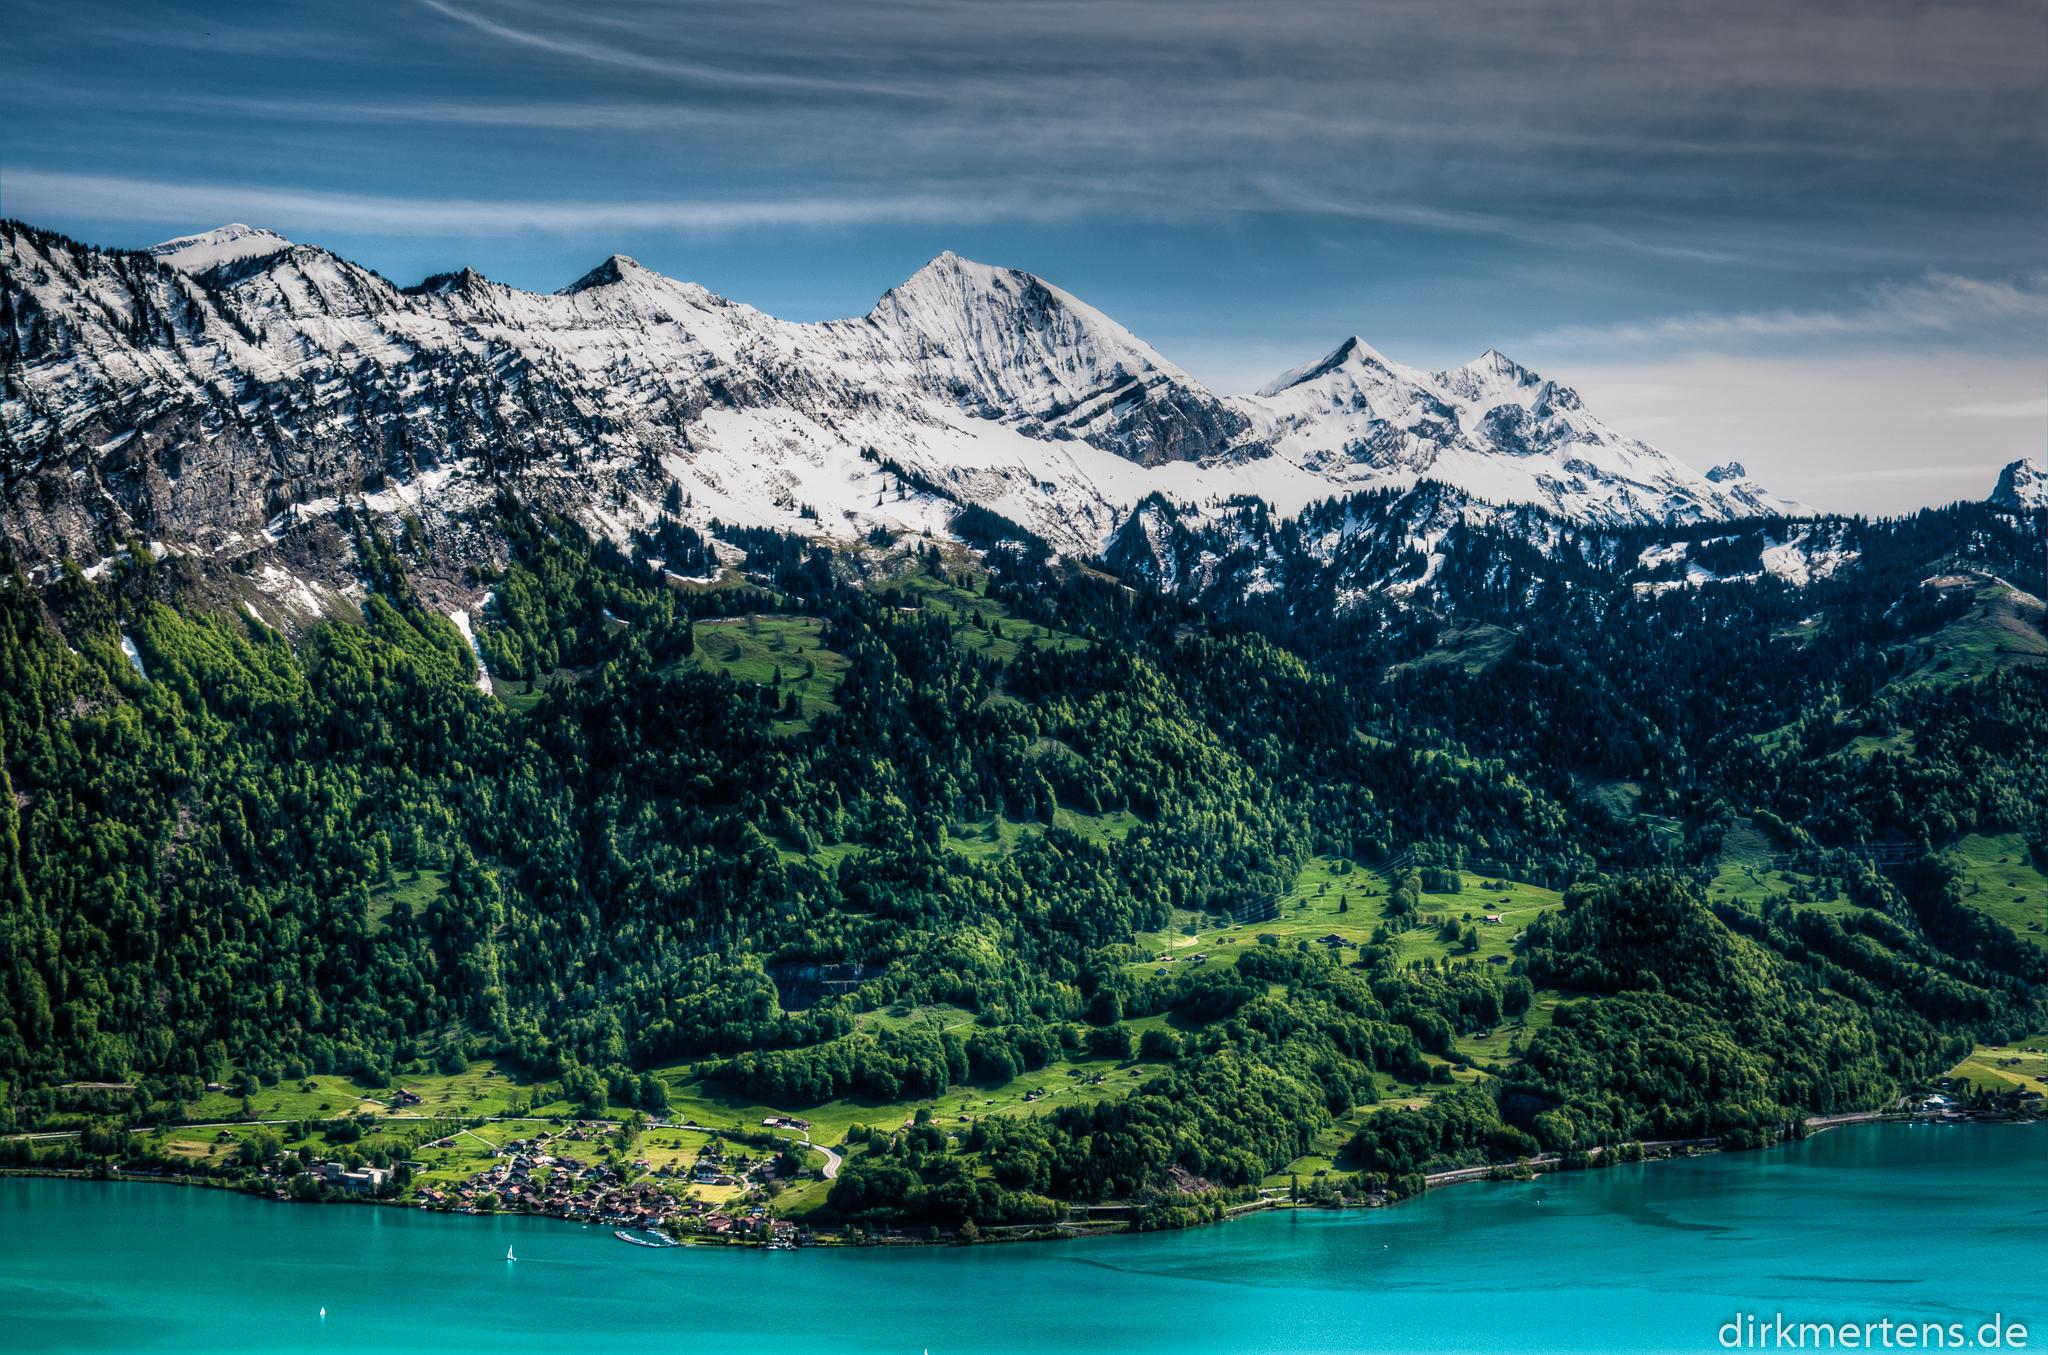 Thuner-See-von-Beatenberg-aus